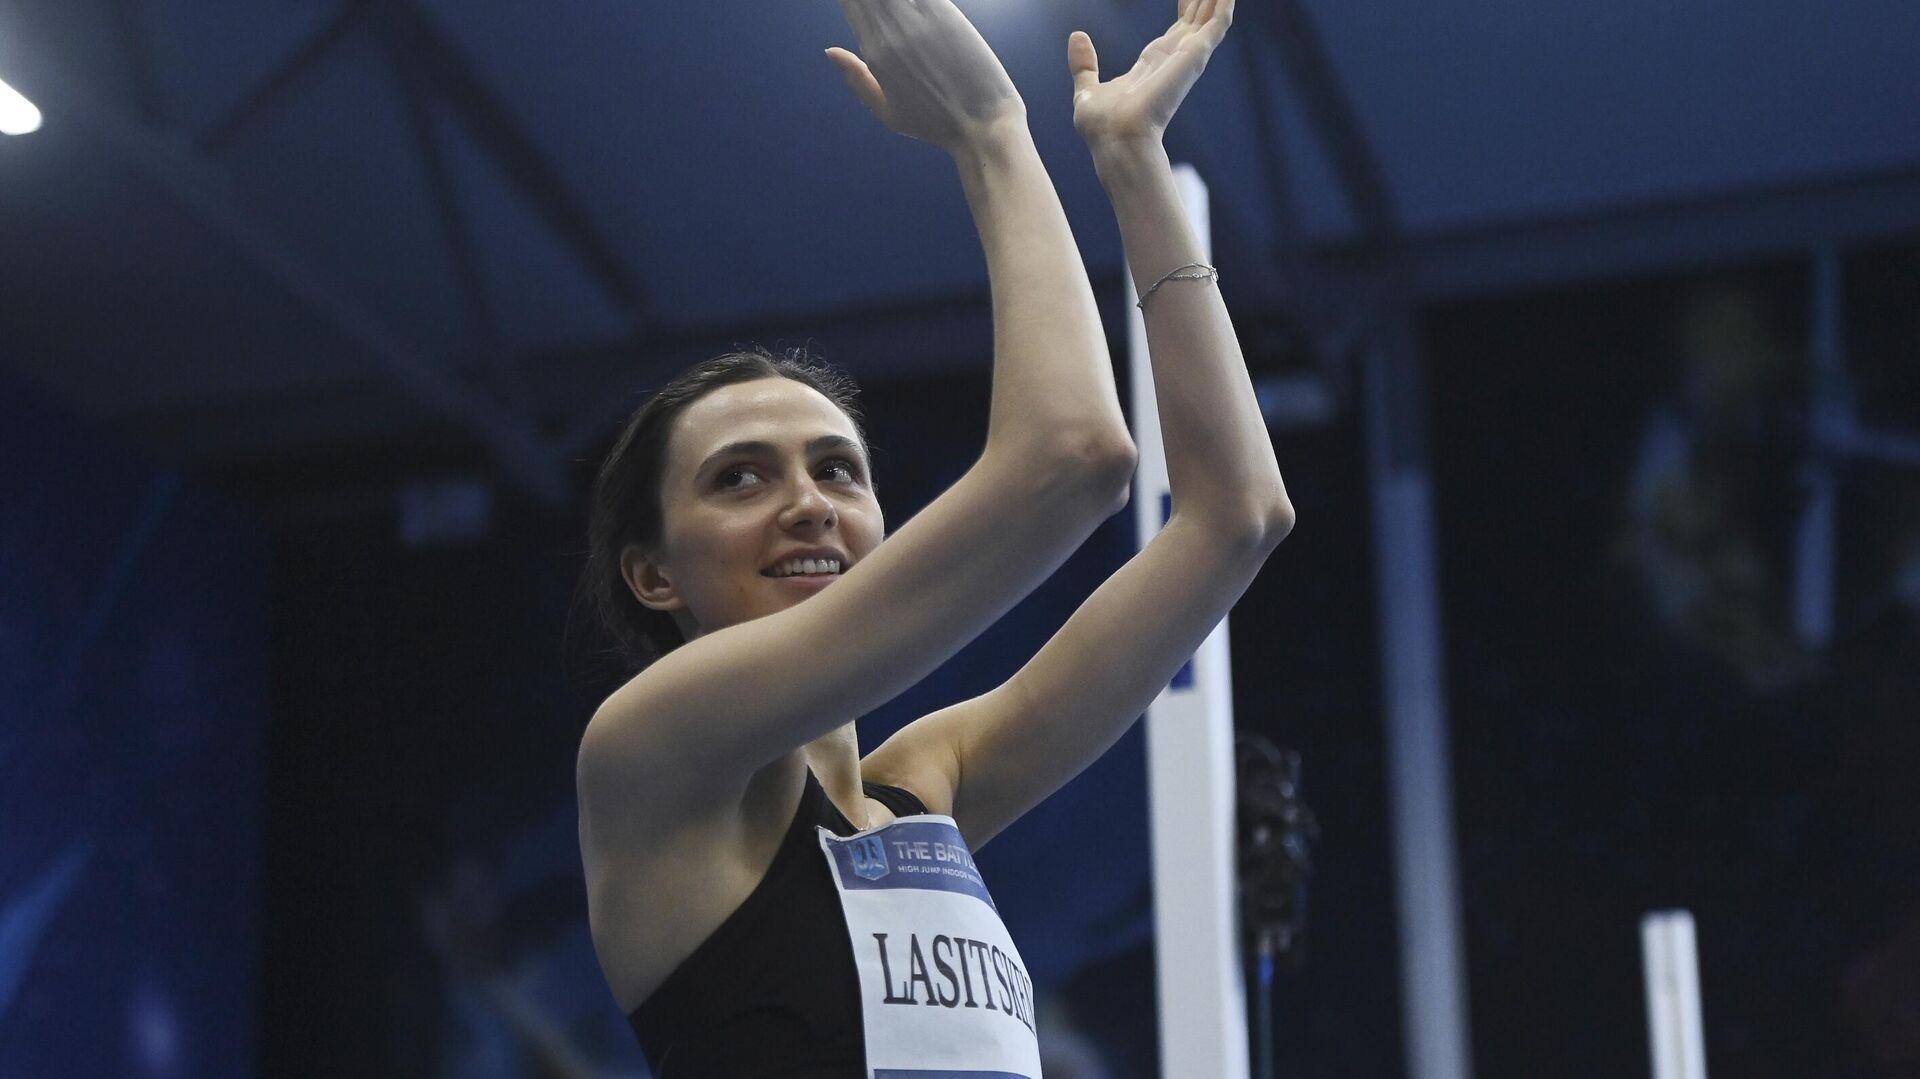 Соревнования по прыжкам в высоту Битва полов - РИА Новости, 1920, 24.07.2021